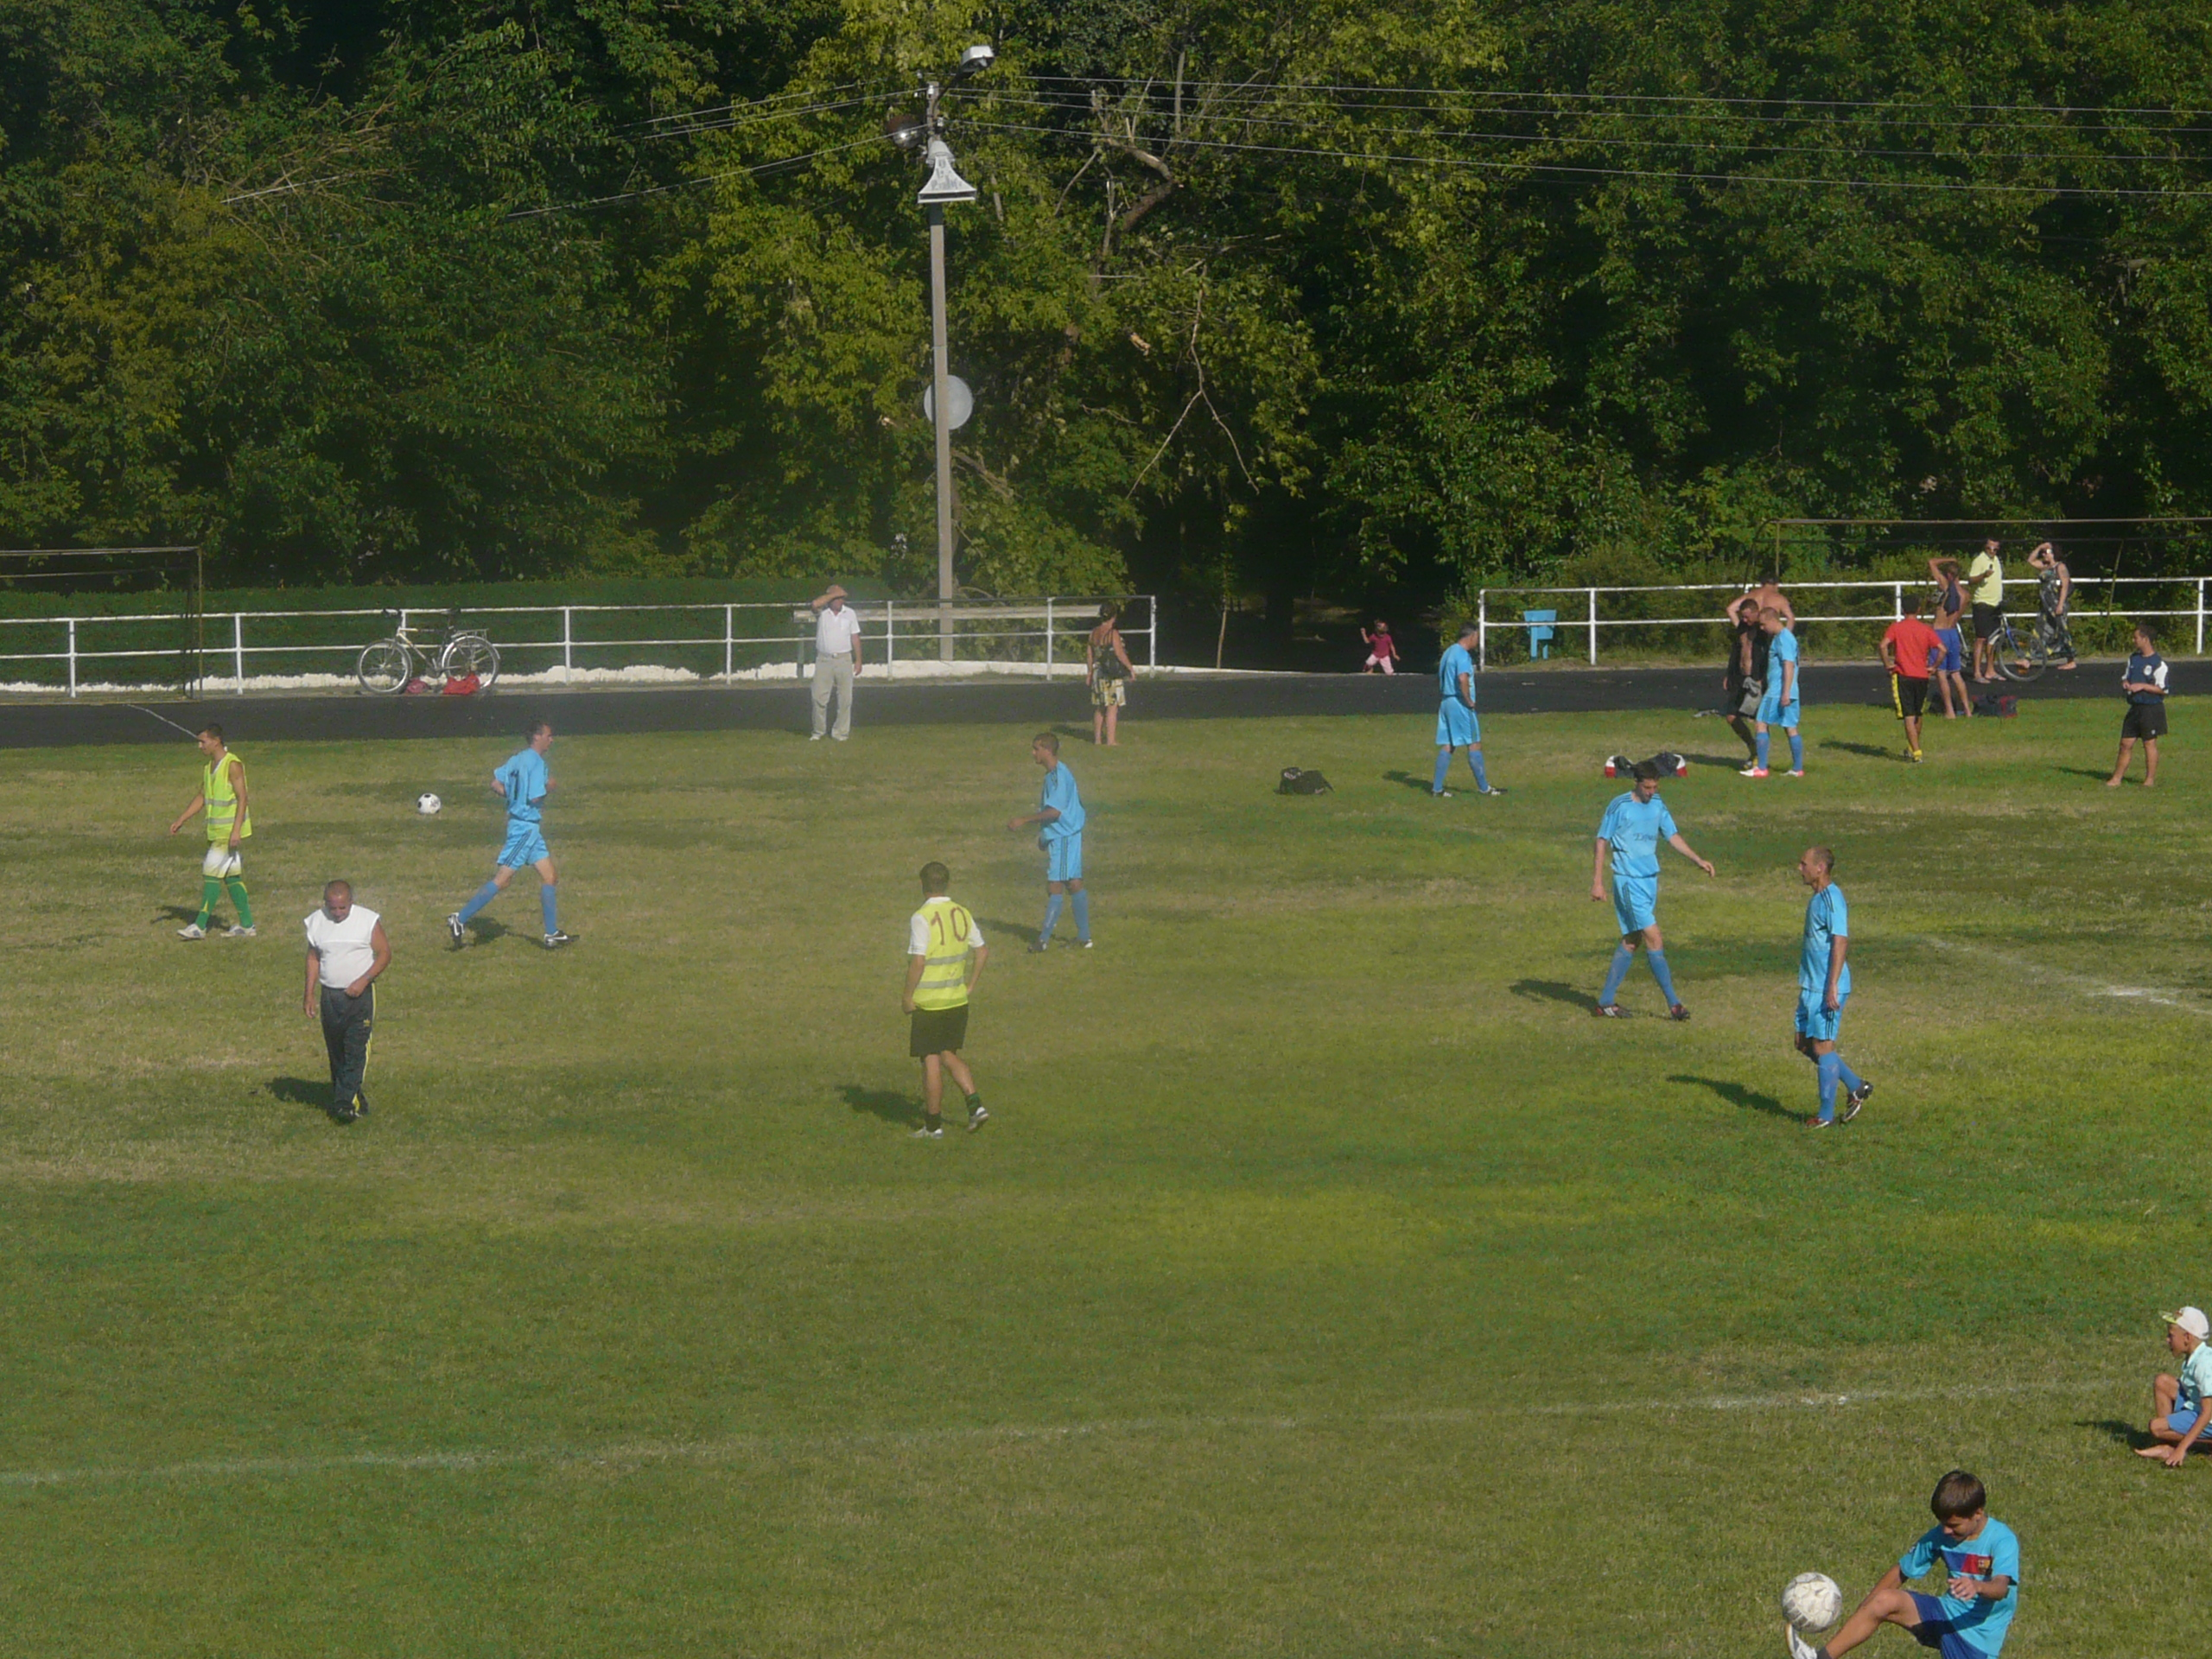 Измаил: завершился 7 тур чемпионата города по футболу. (фото)